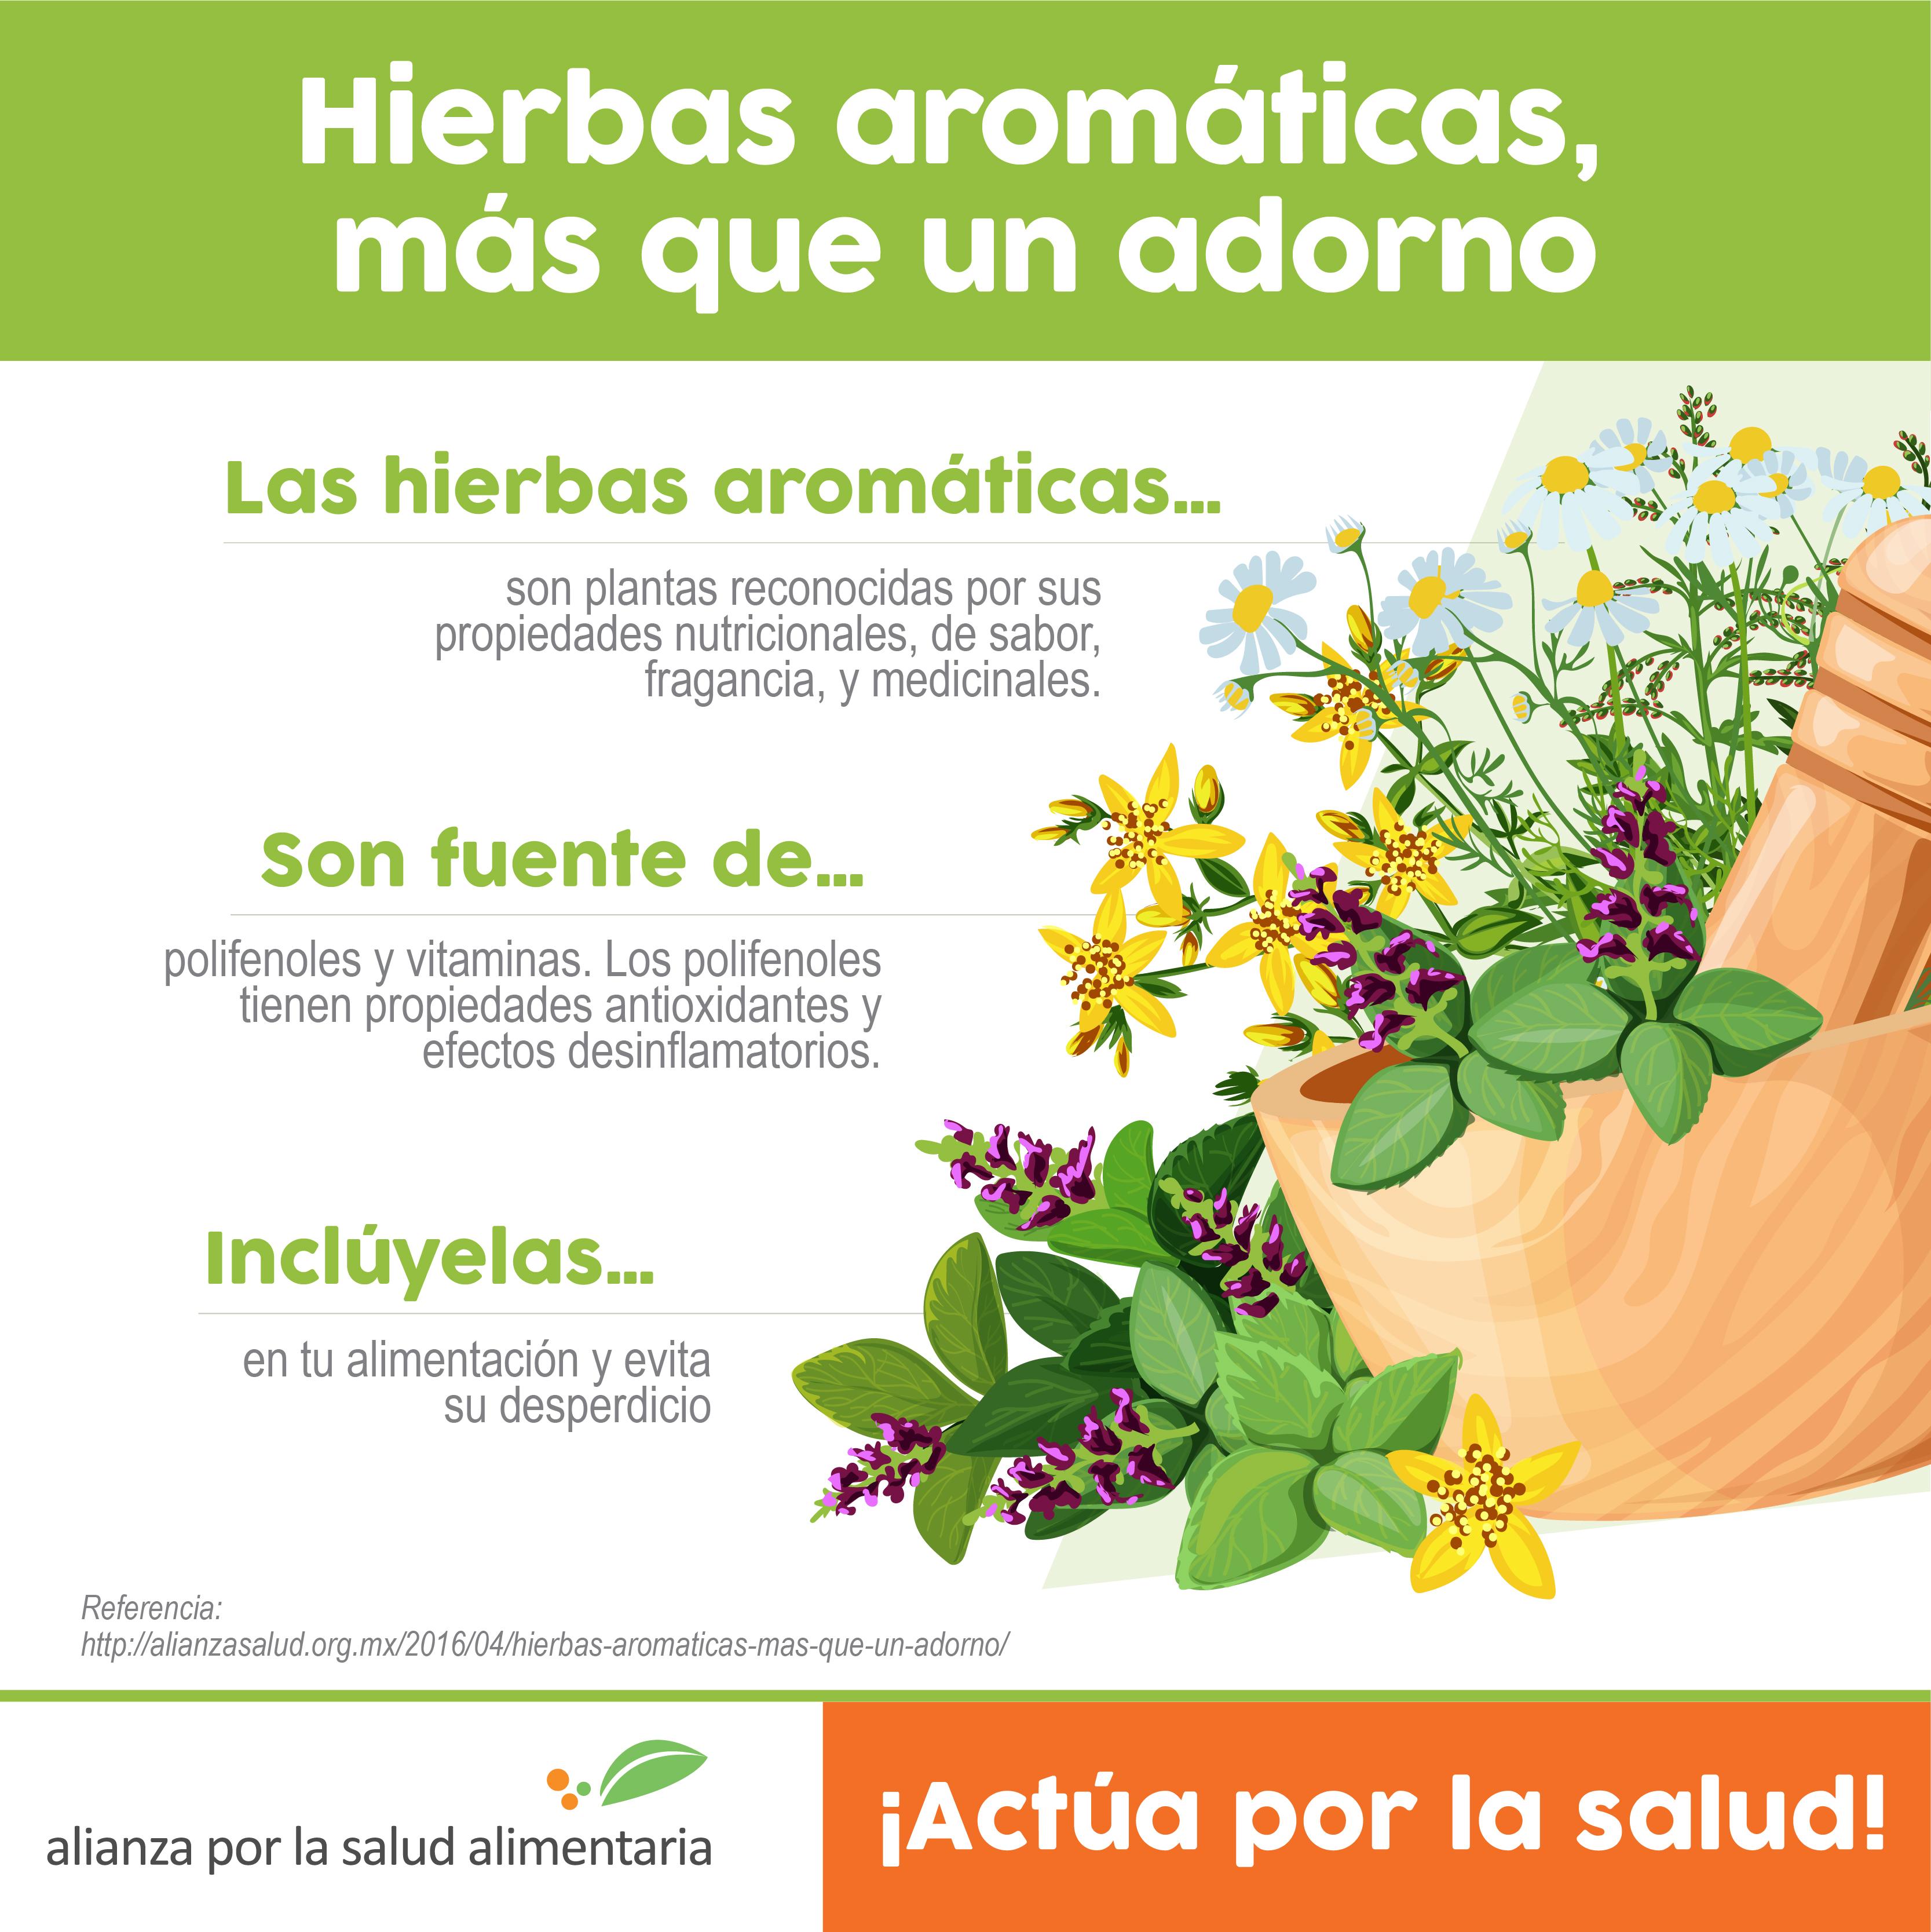 Hierbas arom ticas a tu comida m s que un adorno for Hierbas aromaticas y medicinales